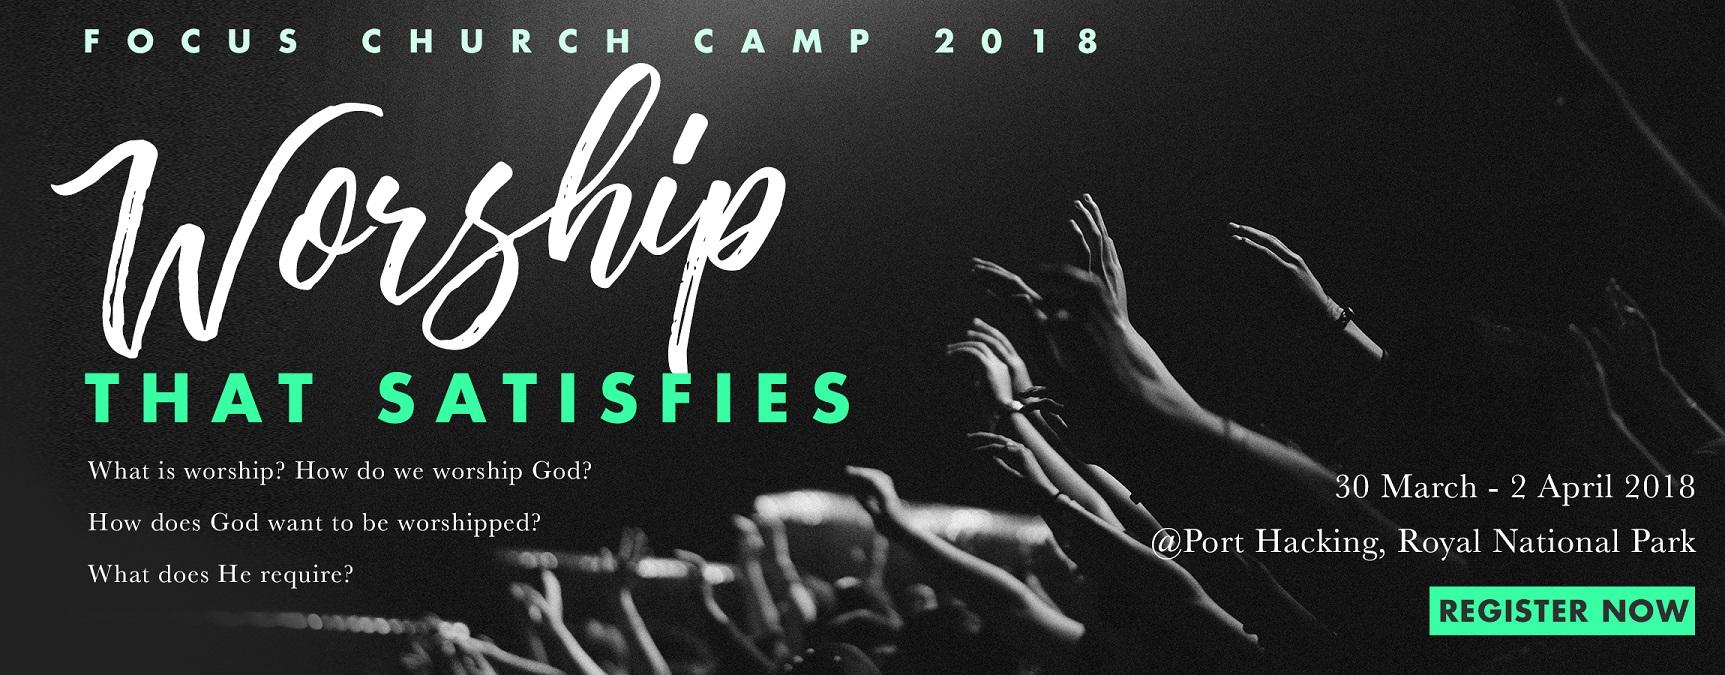 Focus Church Camp 2018